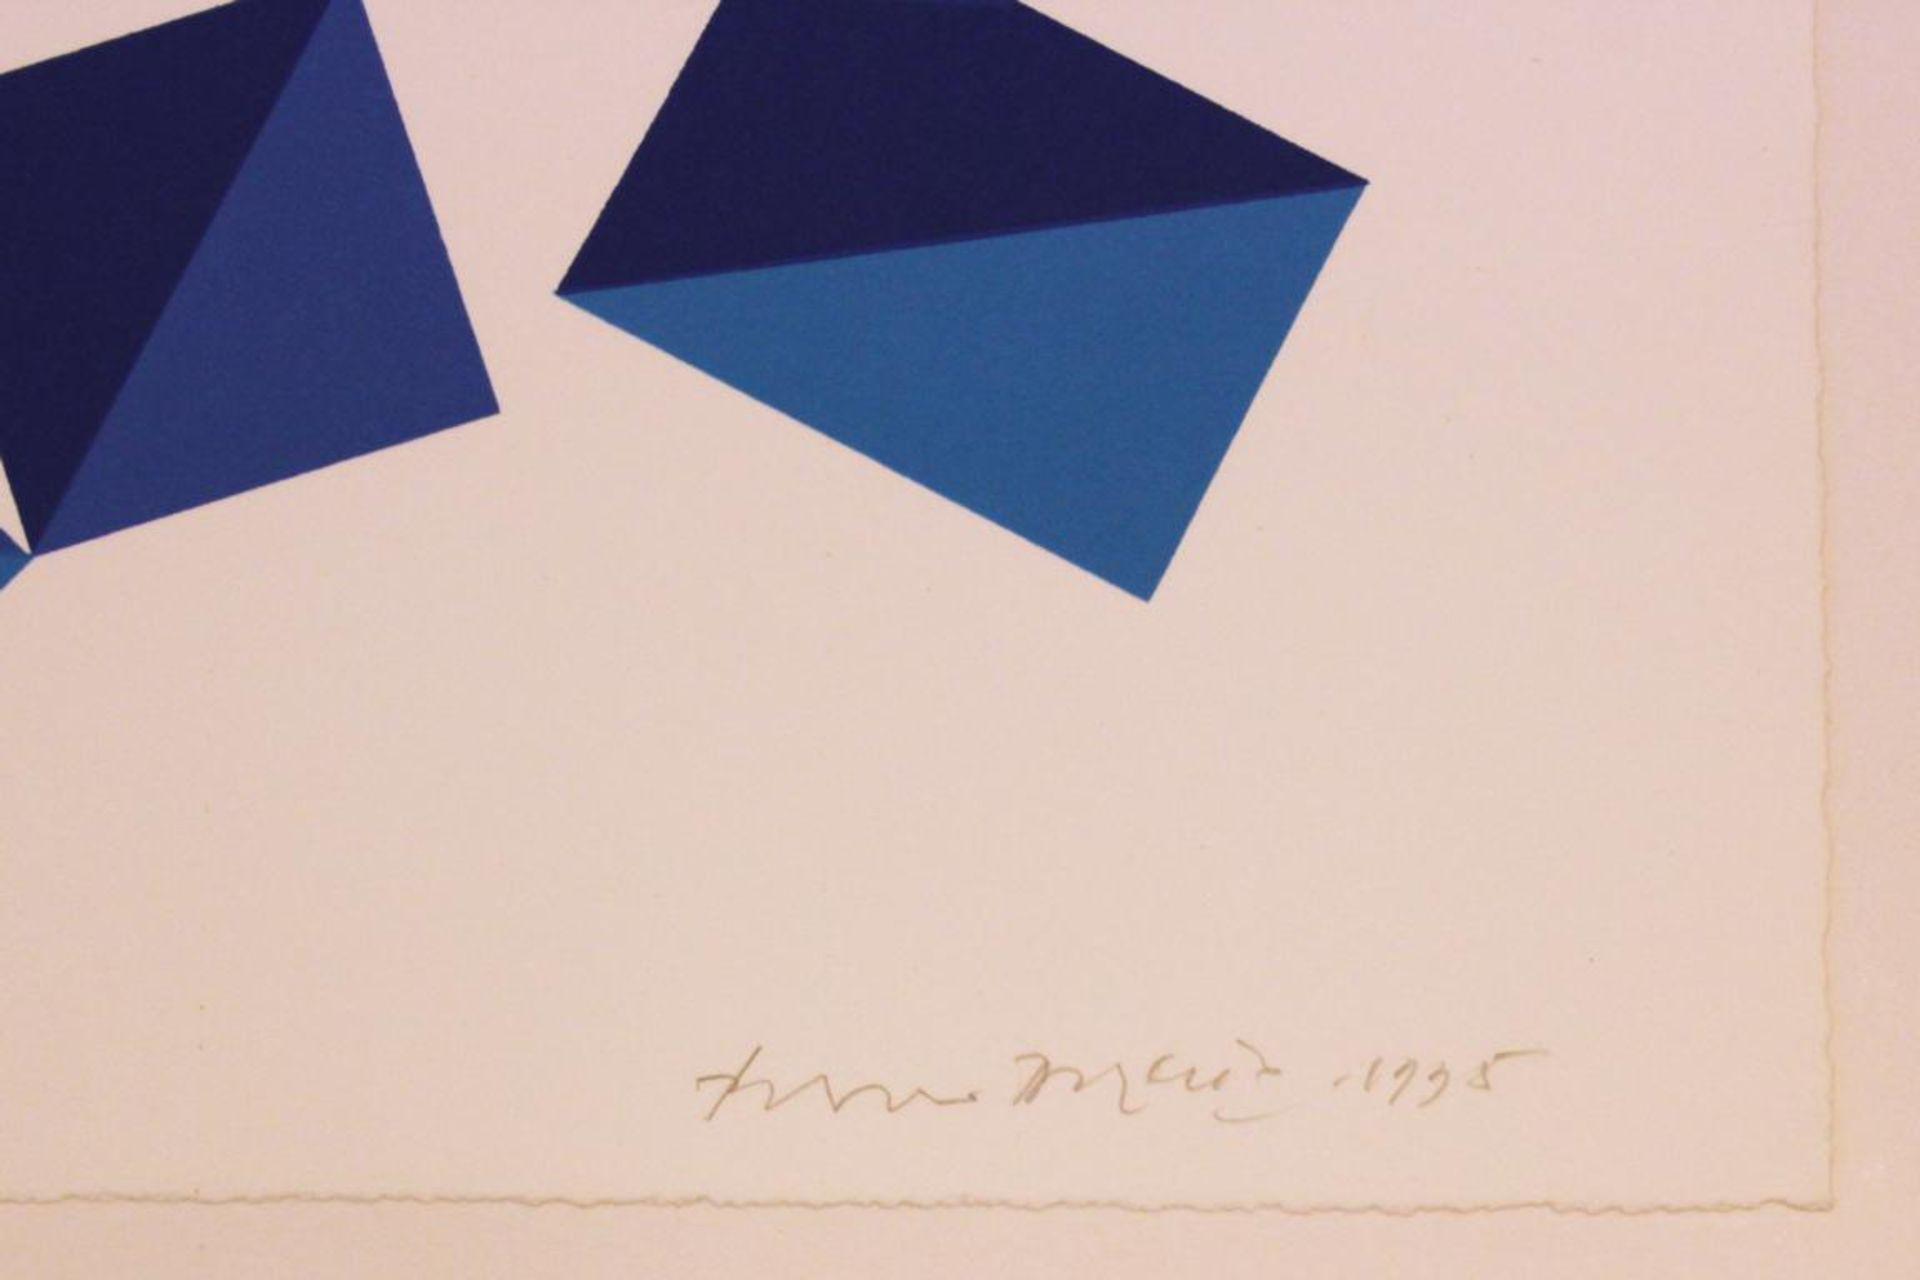 Doratio Piero (1927-2005) Ohne Titel 1995 Lithographie handsigniert, datiert und nummerieret 111/150 - Bild 2 aus 3